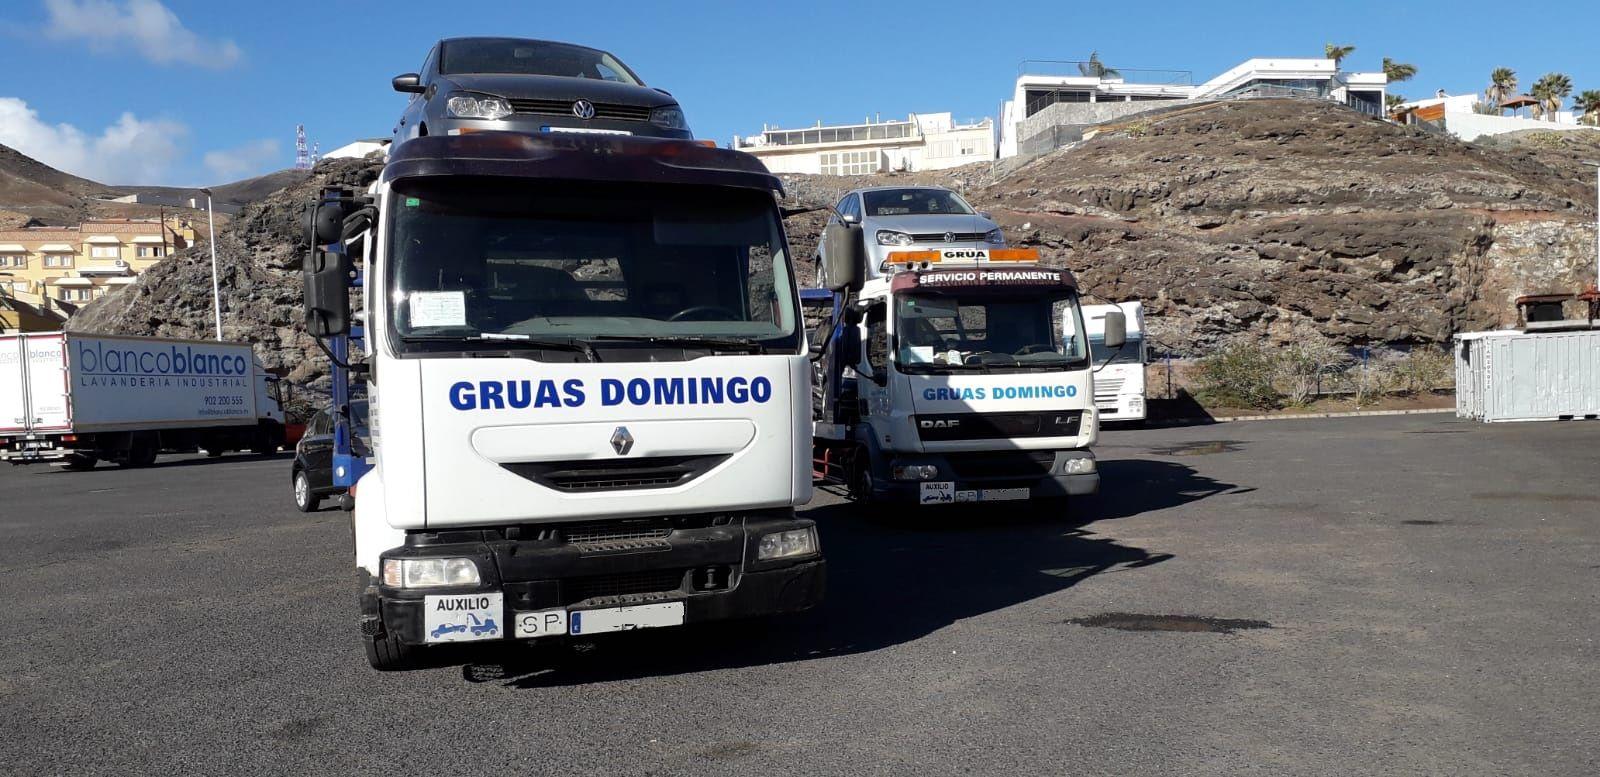 Asistencia en carretera Fuerteventura